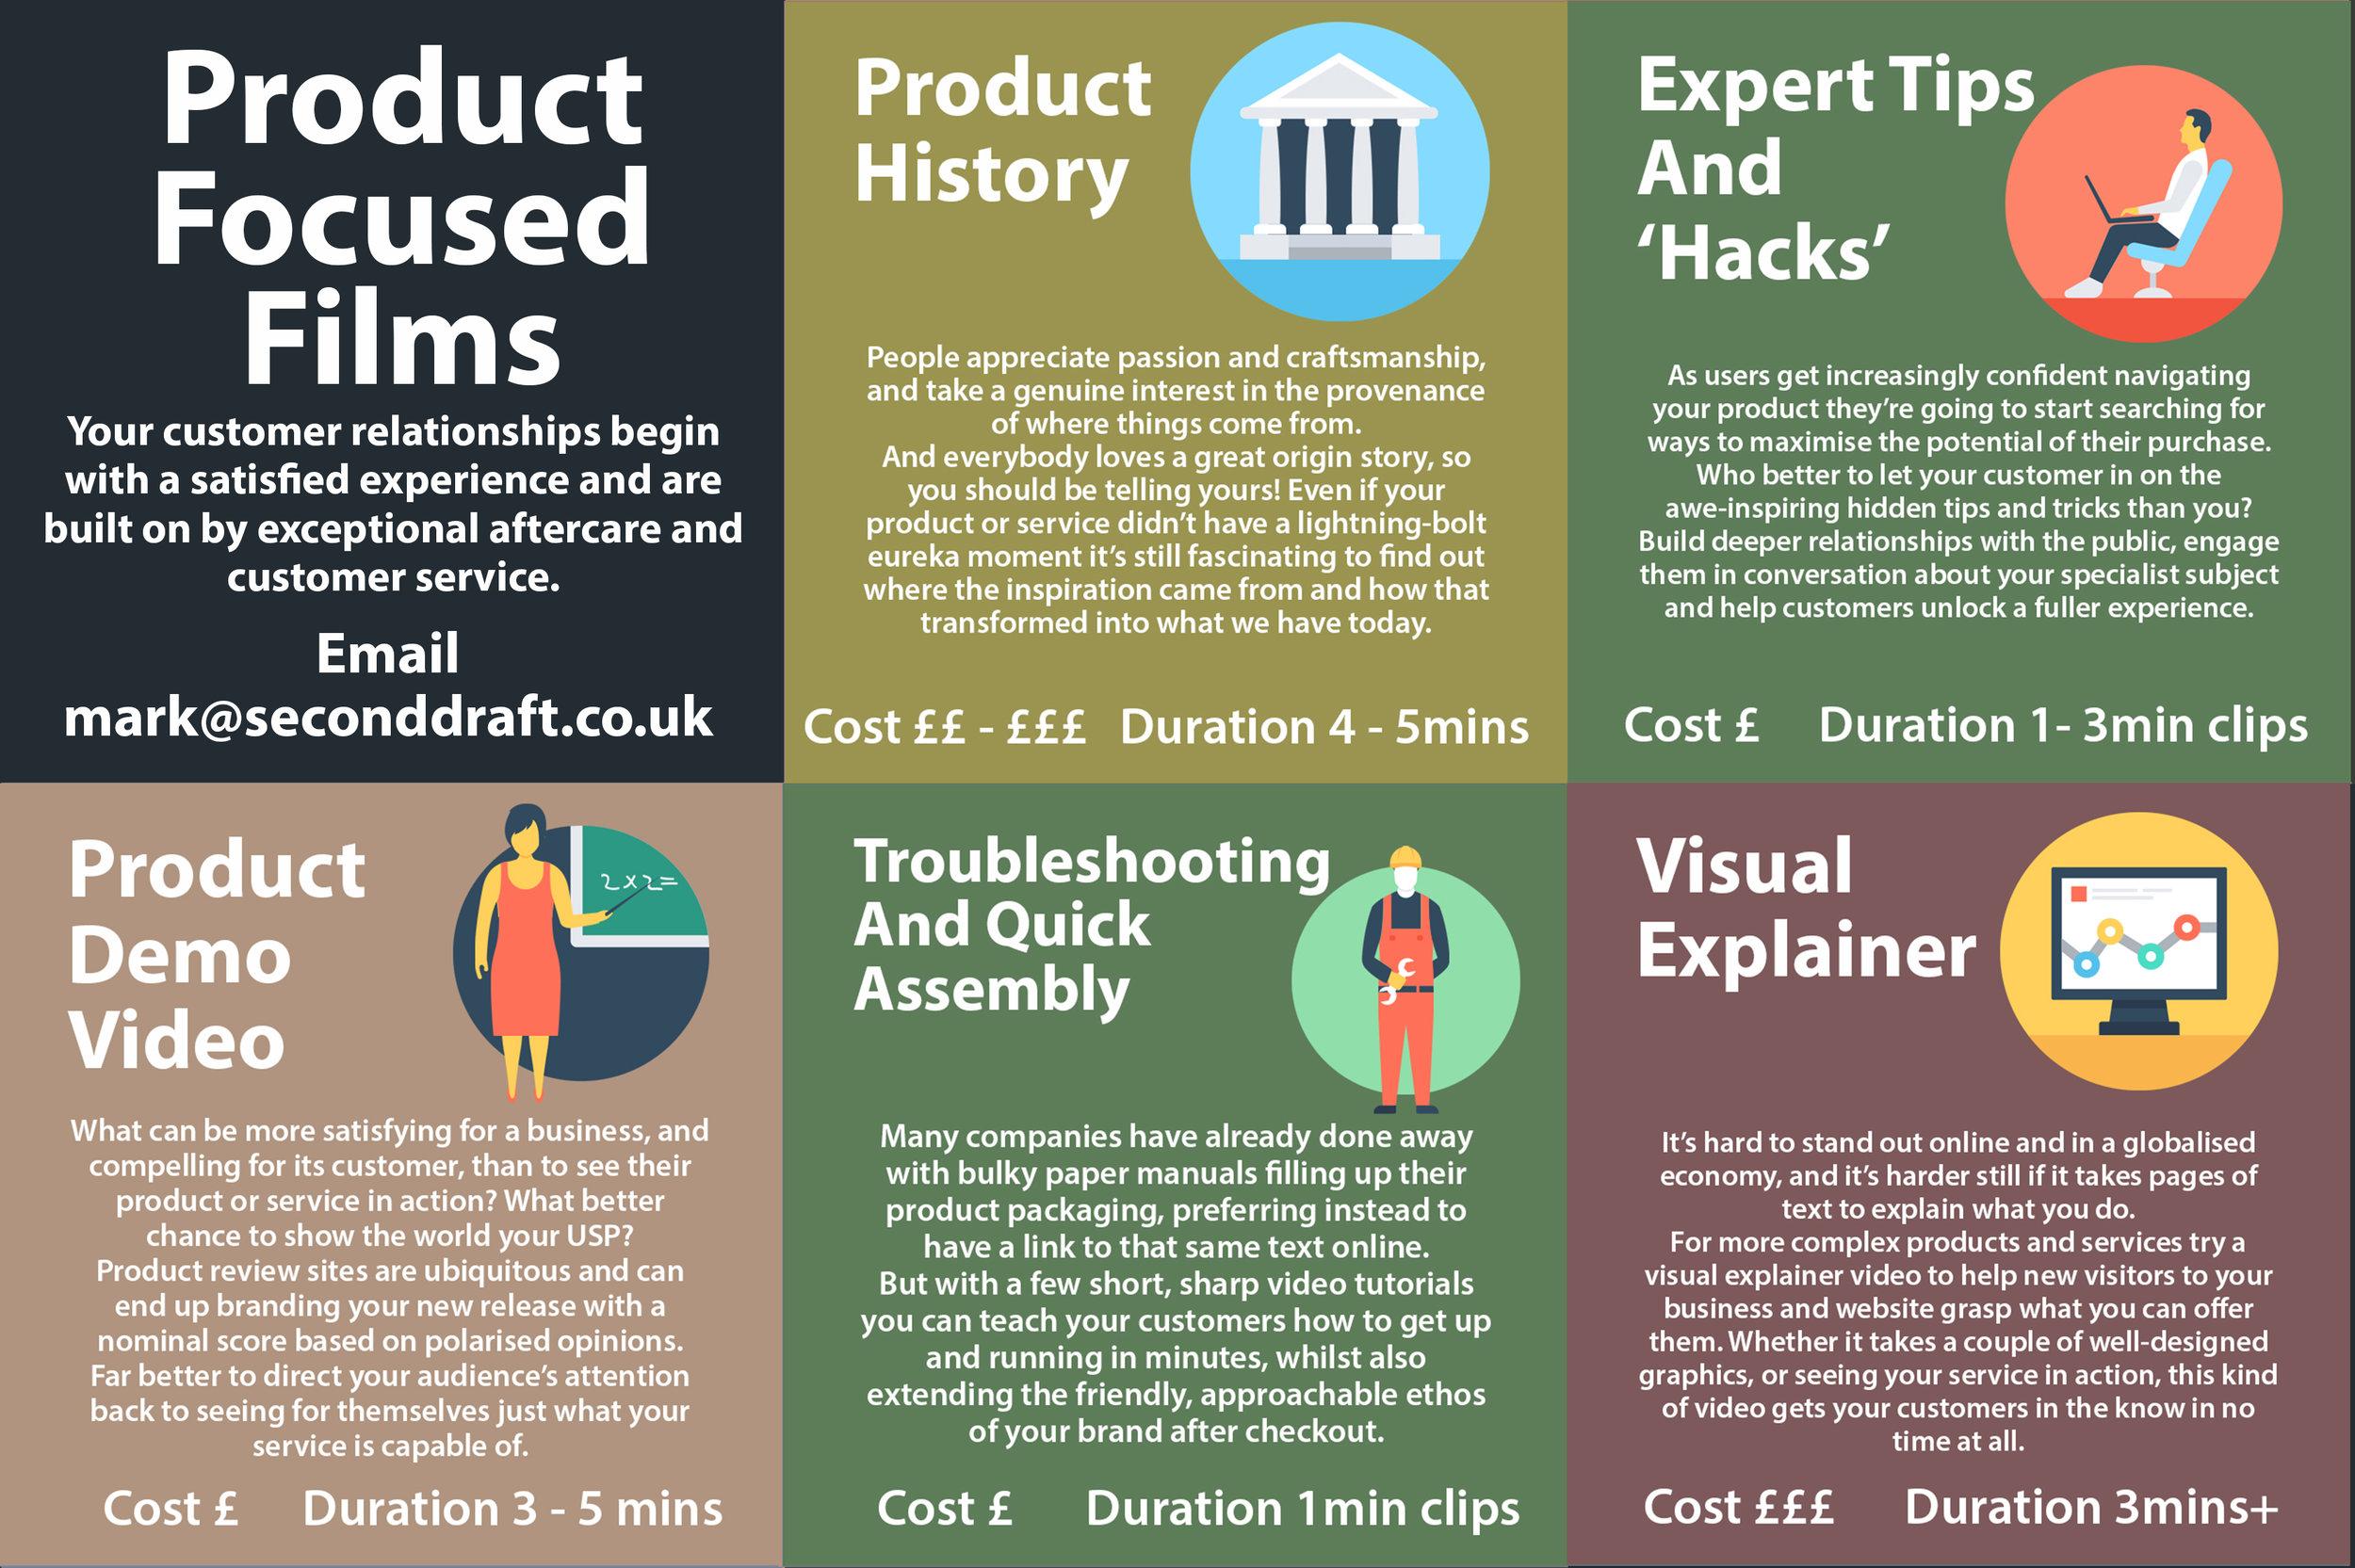 Product focused pdf 3.jpg